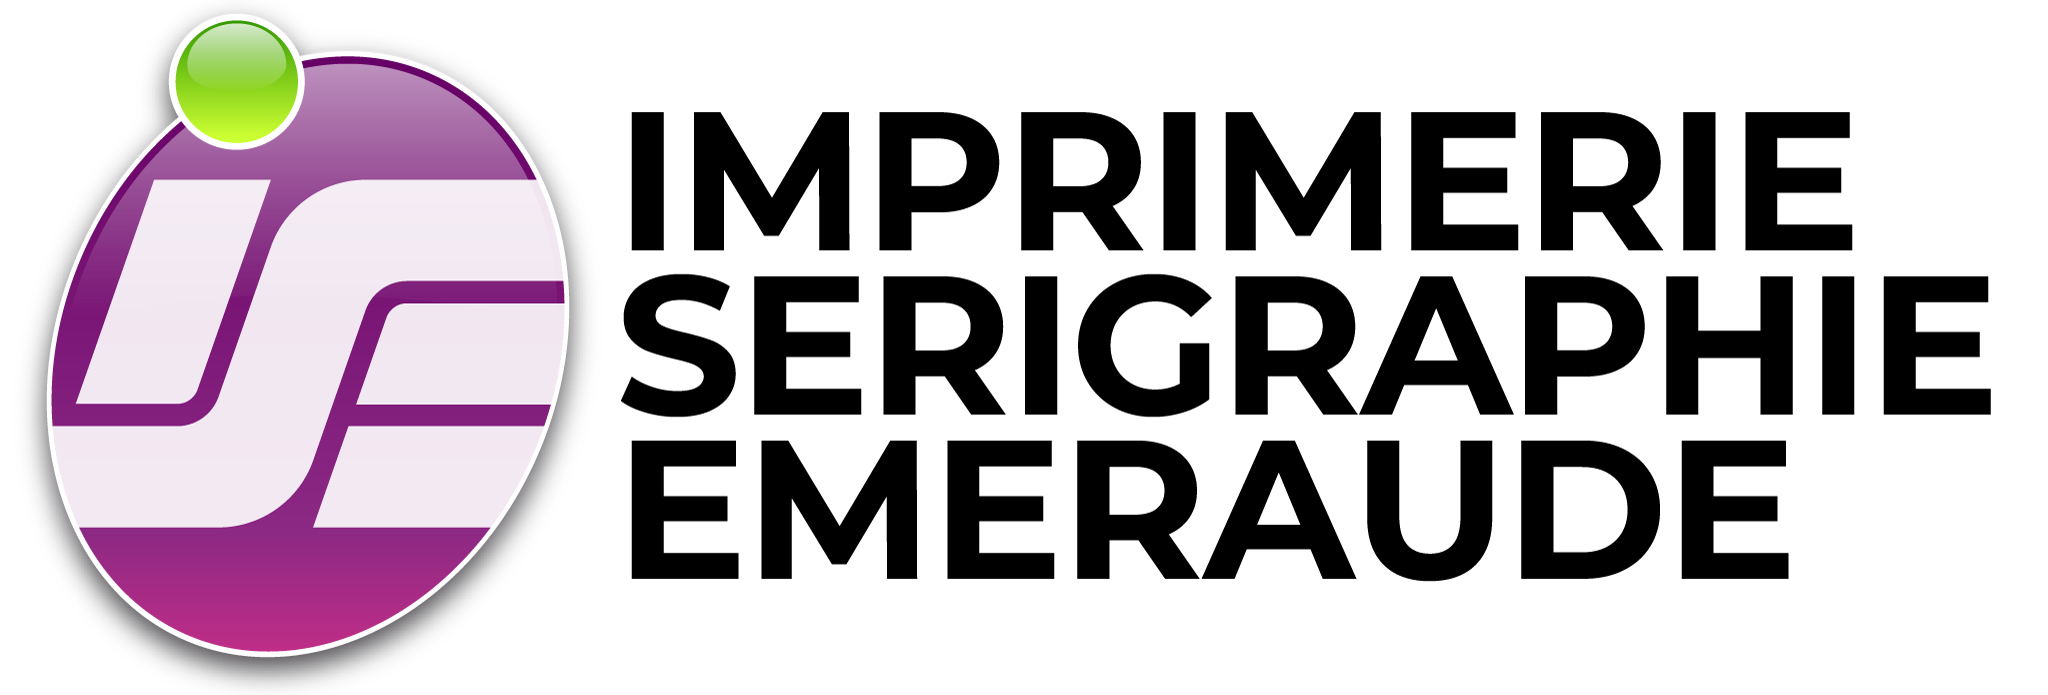 Logo - ISE IMPRIMERIE SERIGRAPHIE